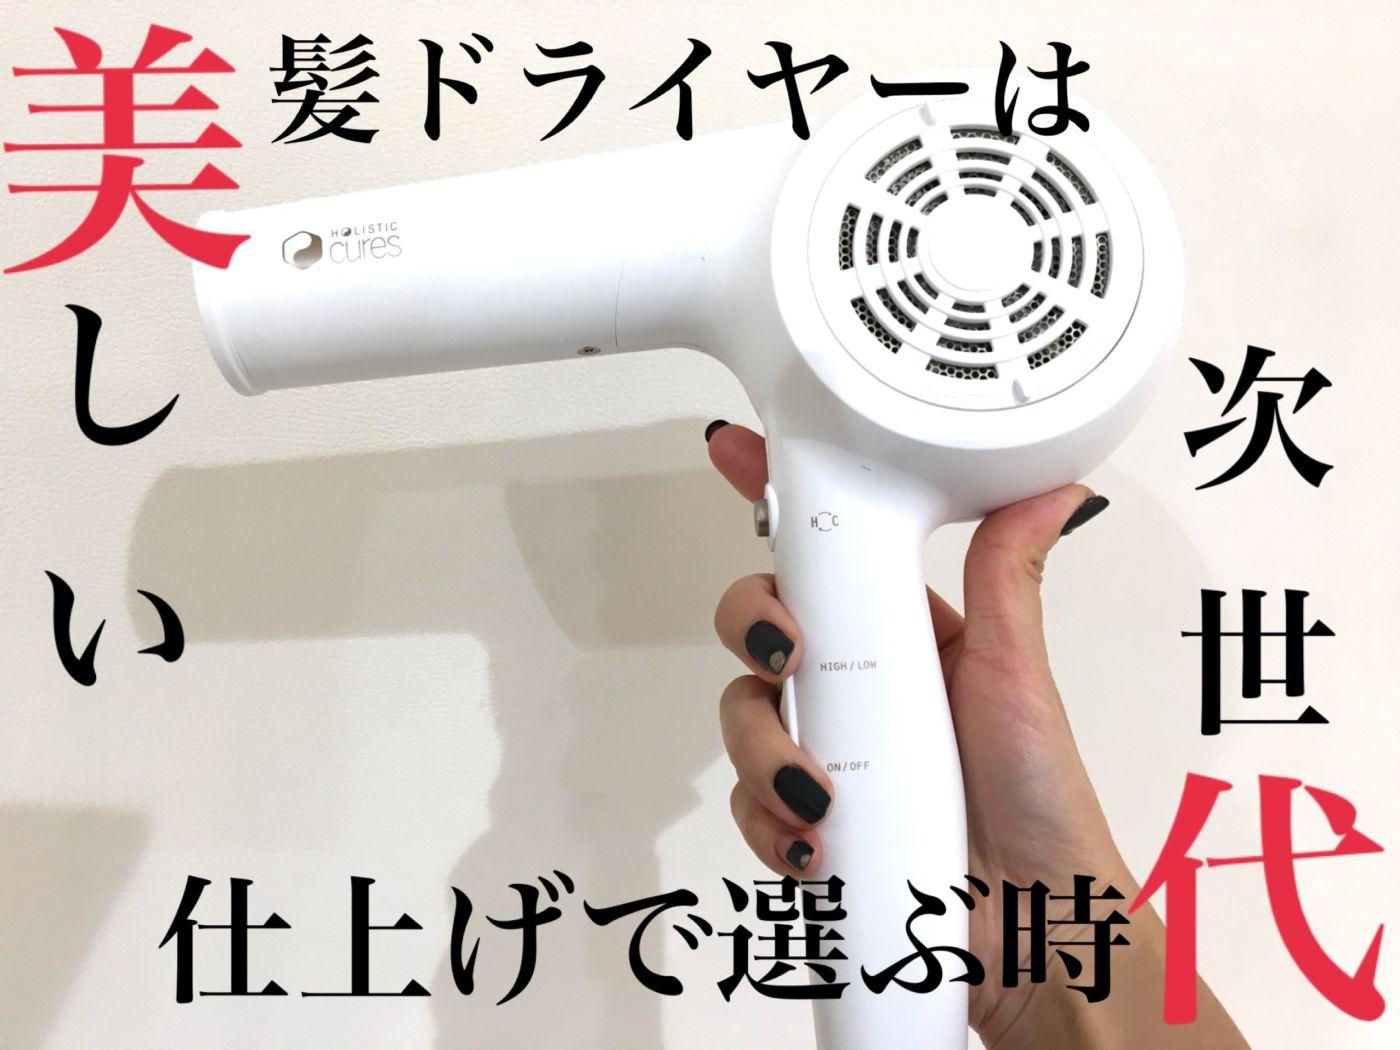 《新発売!》ドライヤーで髪が綺麗に⁉︎〜ホリスティックキュアドライヤーモイスト〜